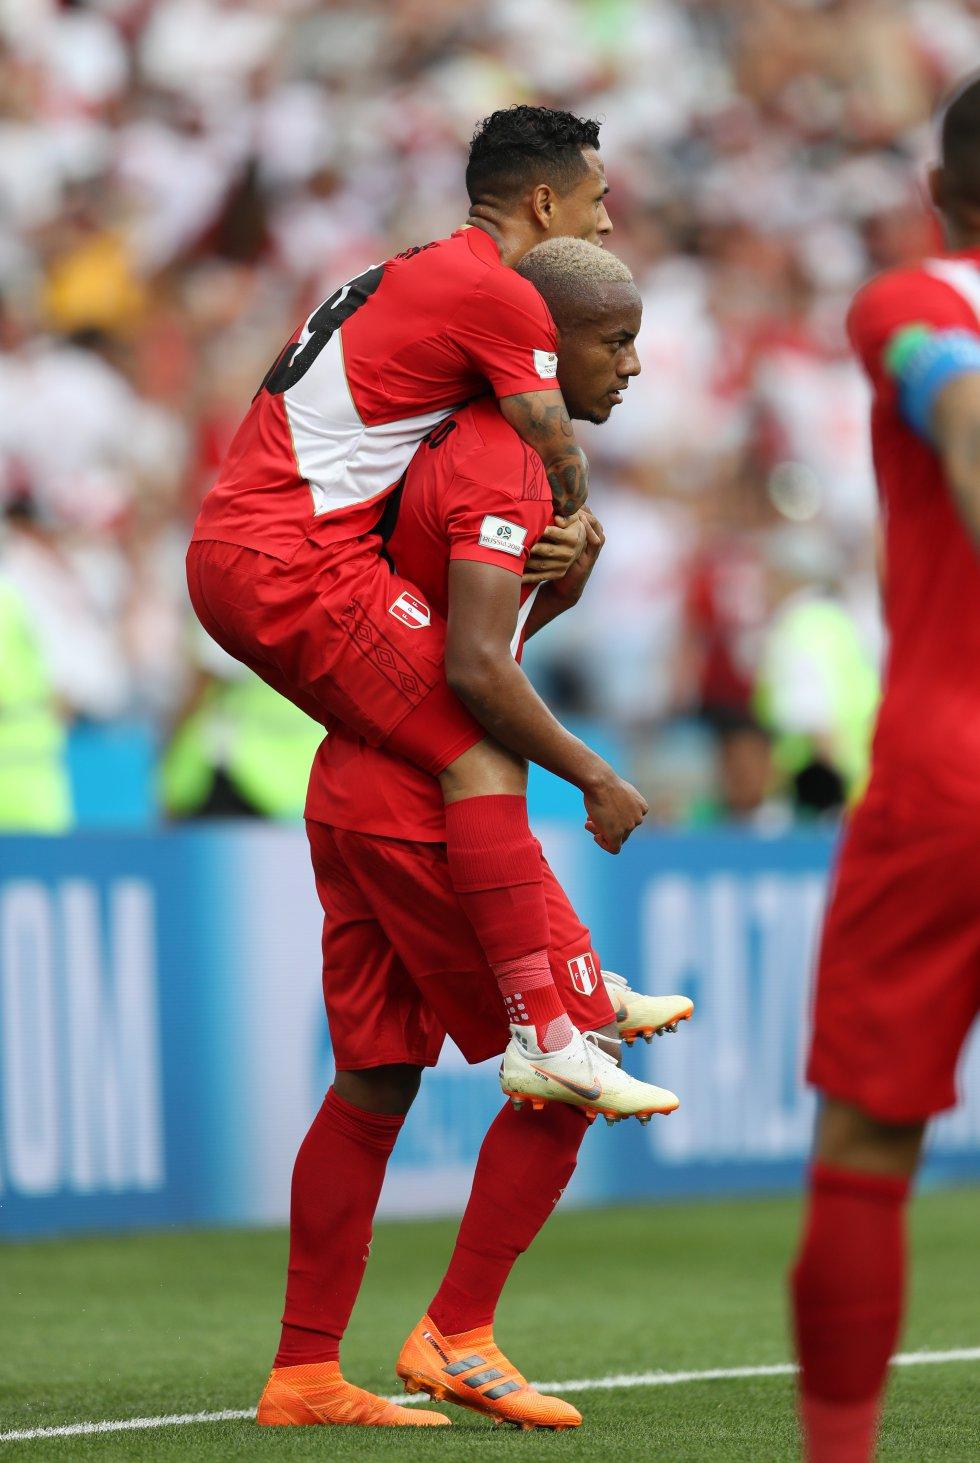 Perú 2-0 Australia online en imágenes Mundial Rusia 2018: En imágenes, la contundente victoria de Perú ante Australia